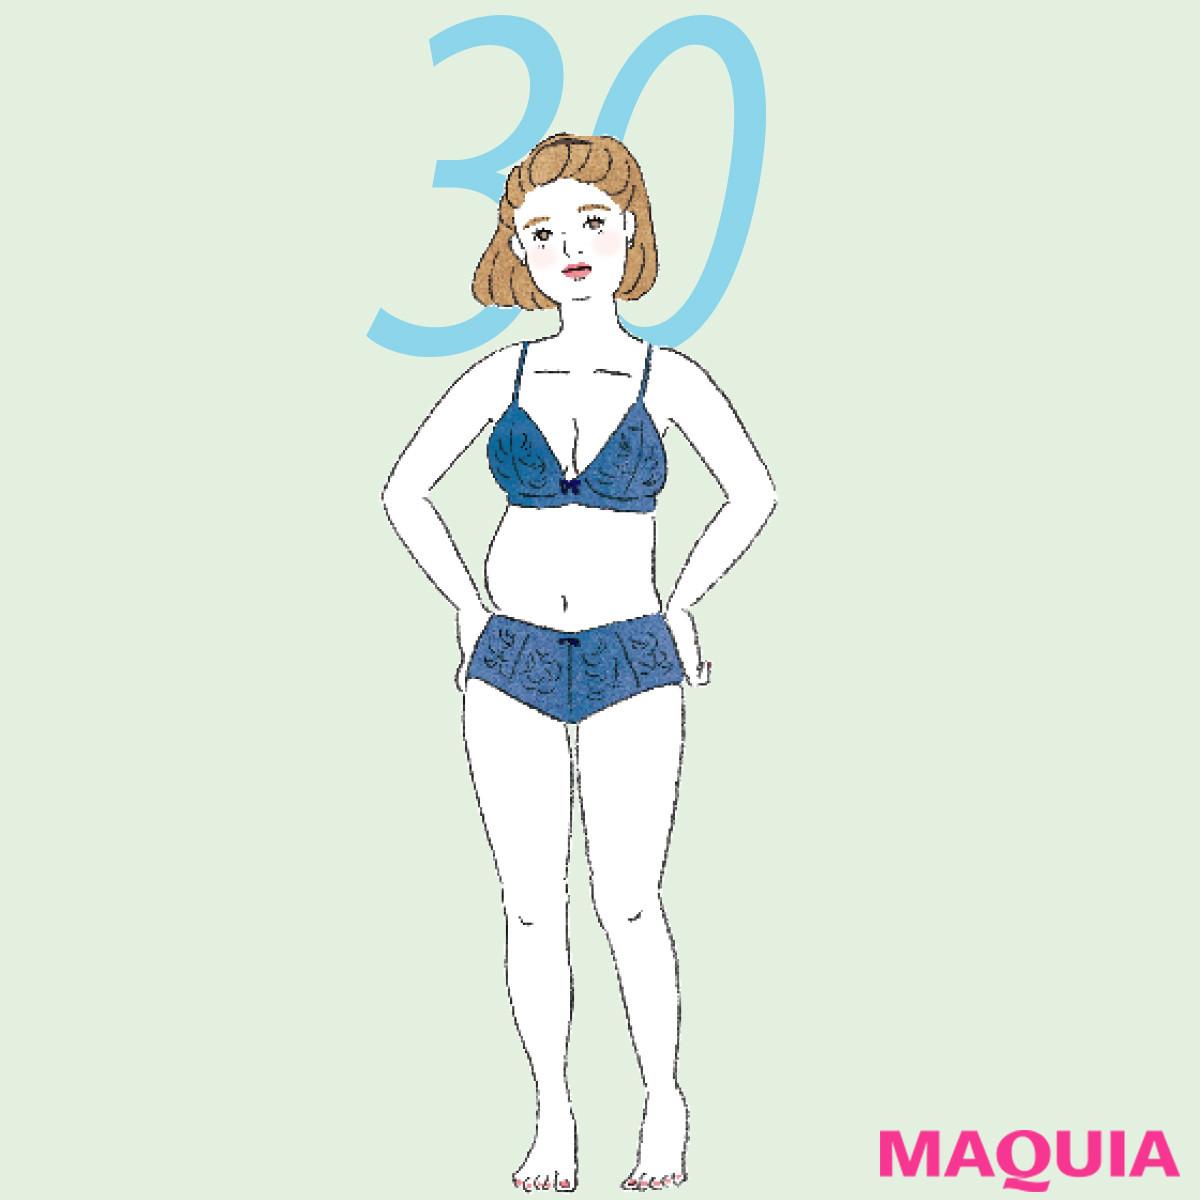 【痩せない理由】アラサーの太り方の特徴